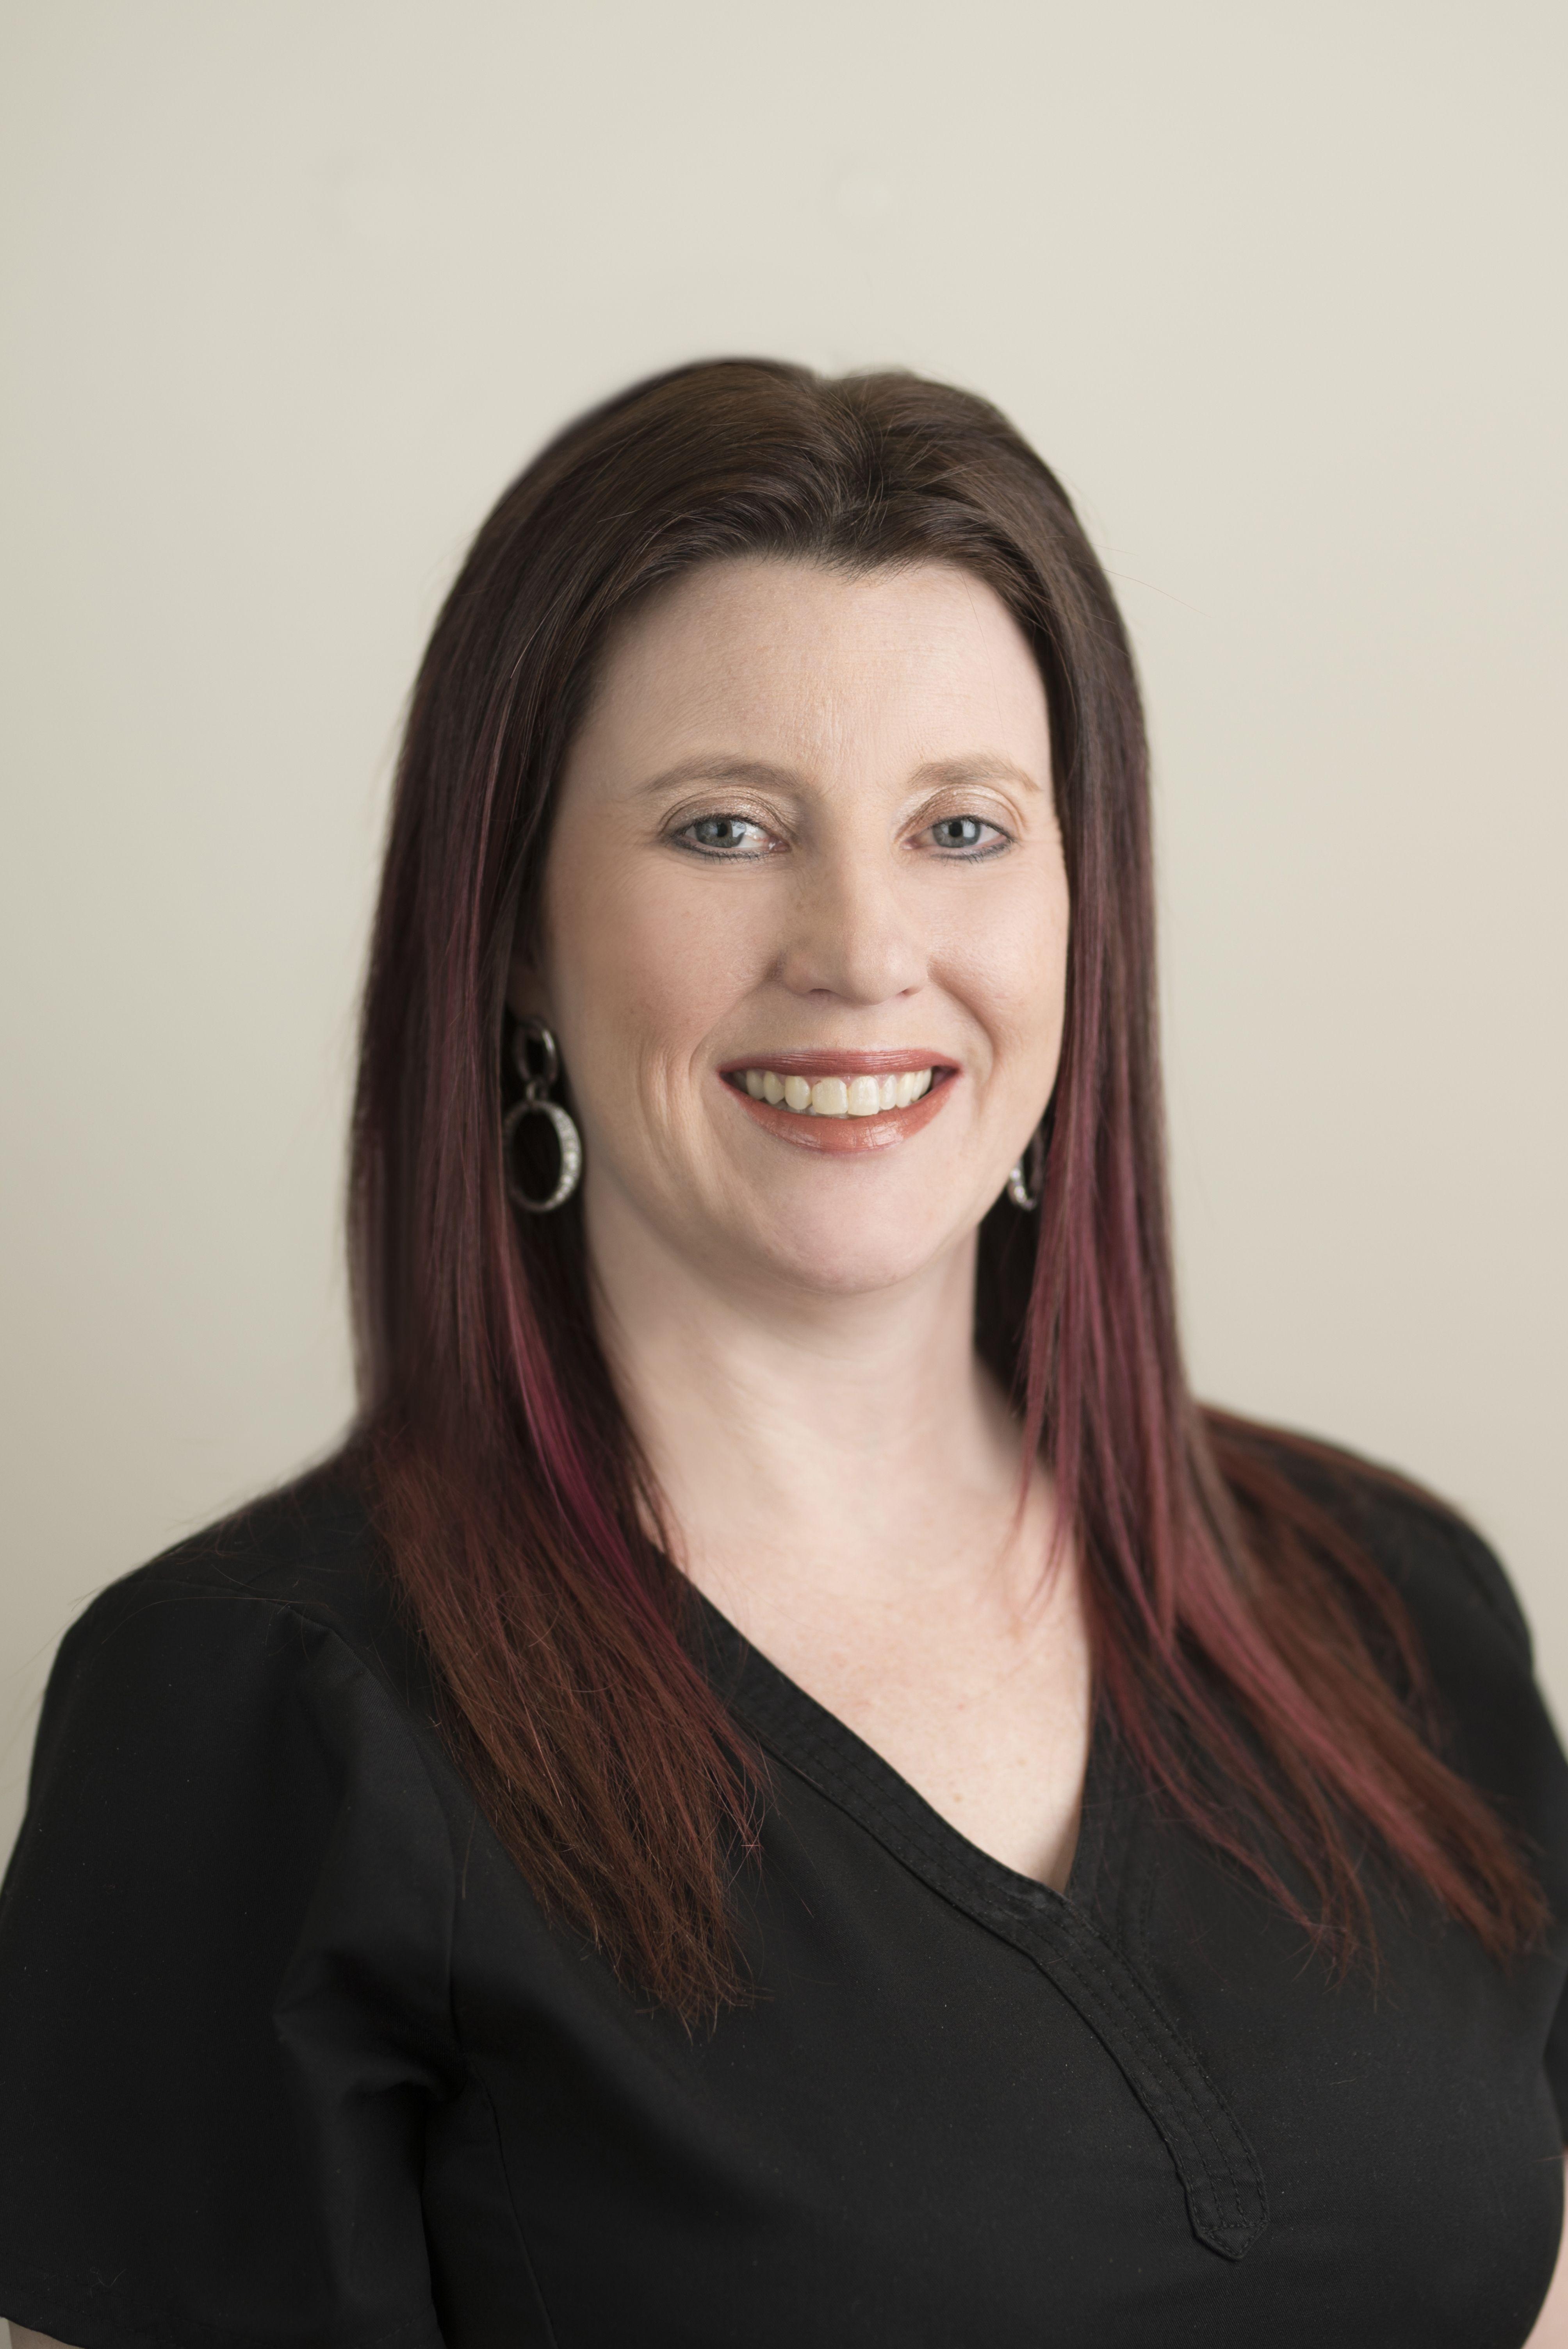 Melinda Calhoun